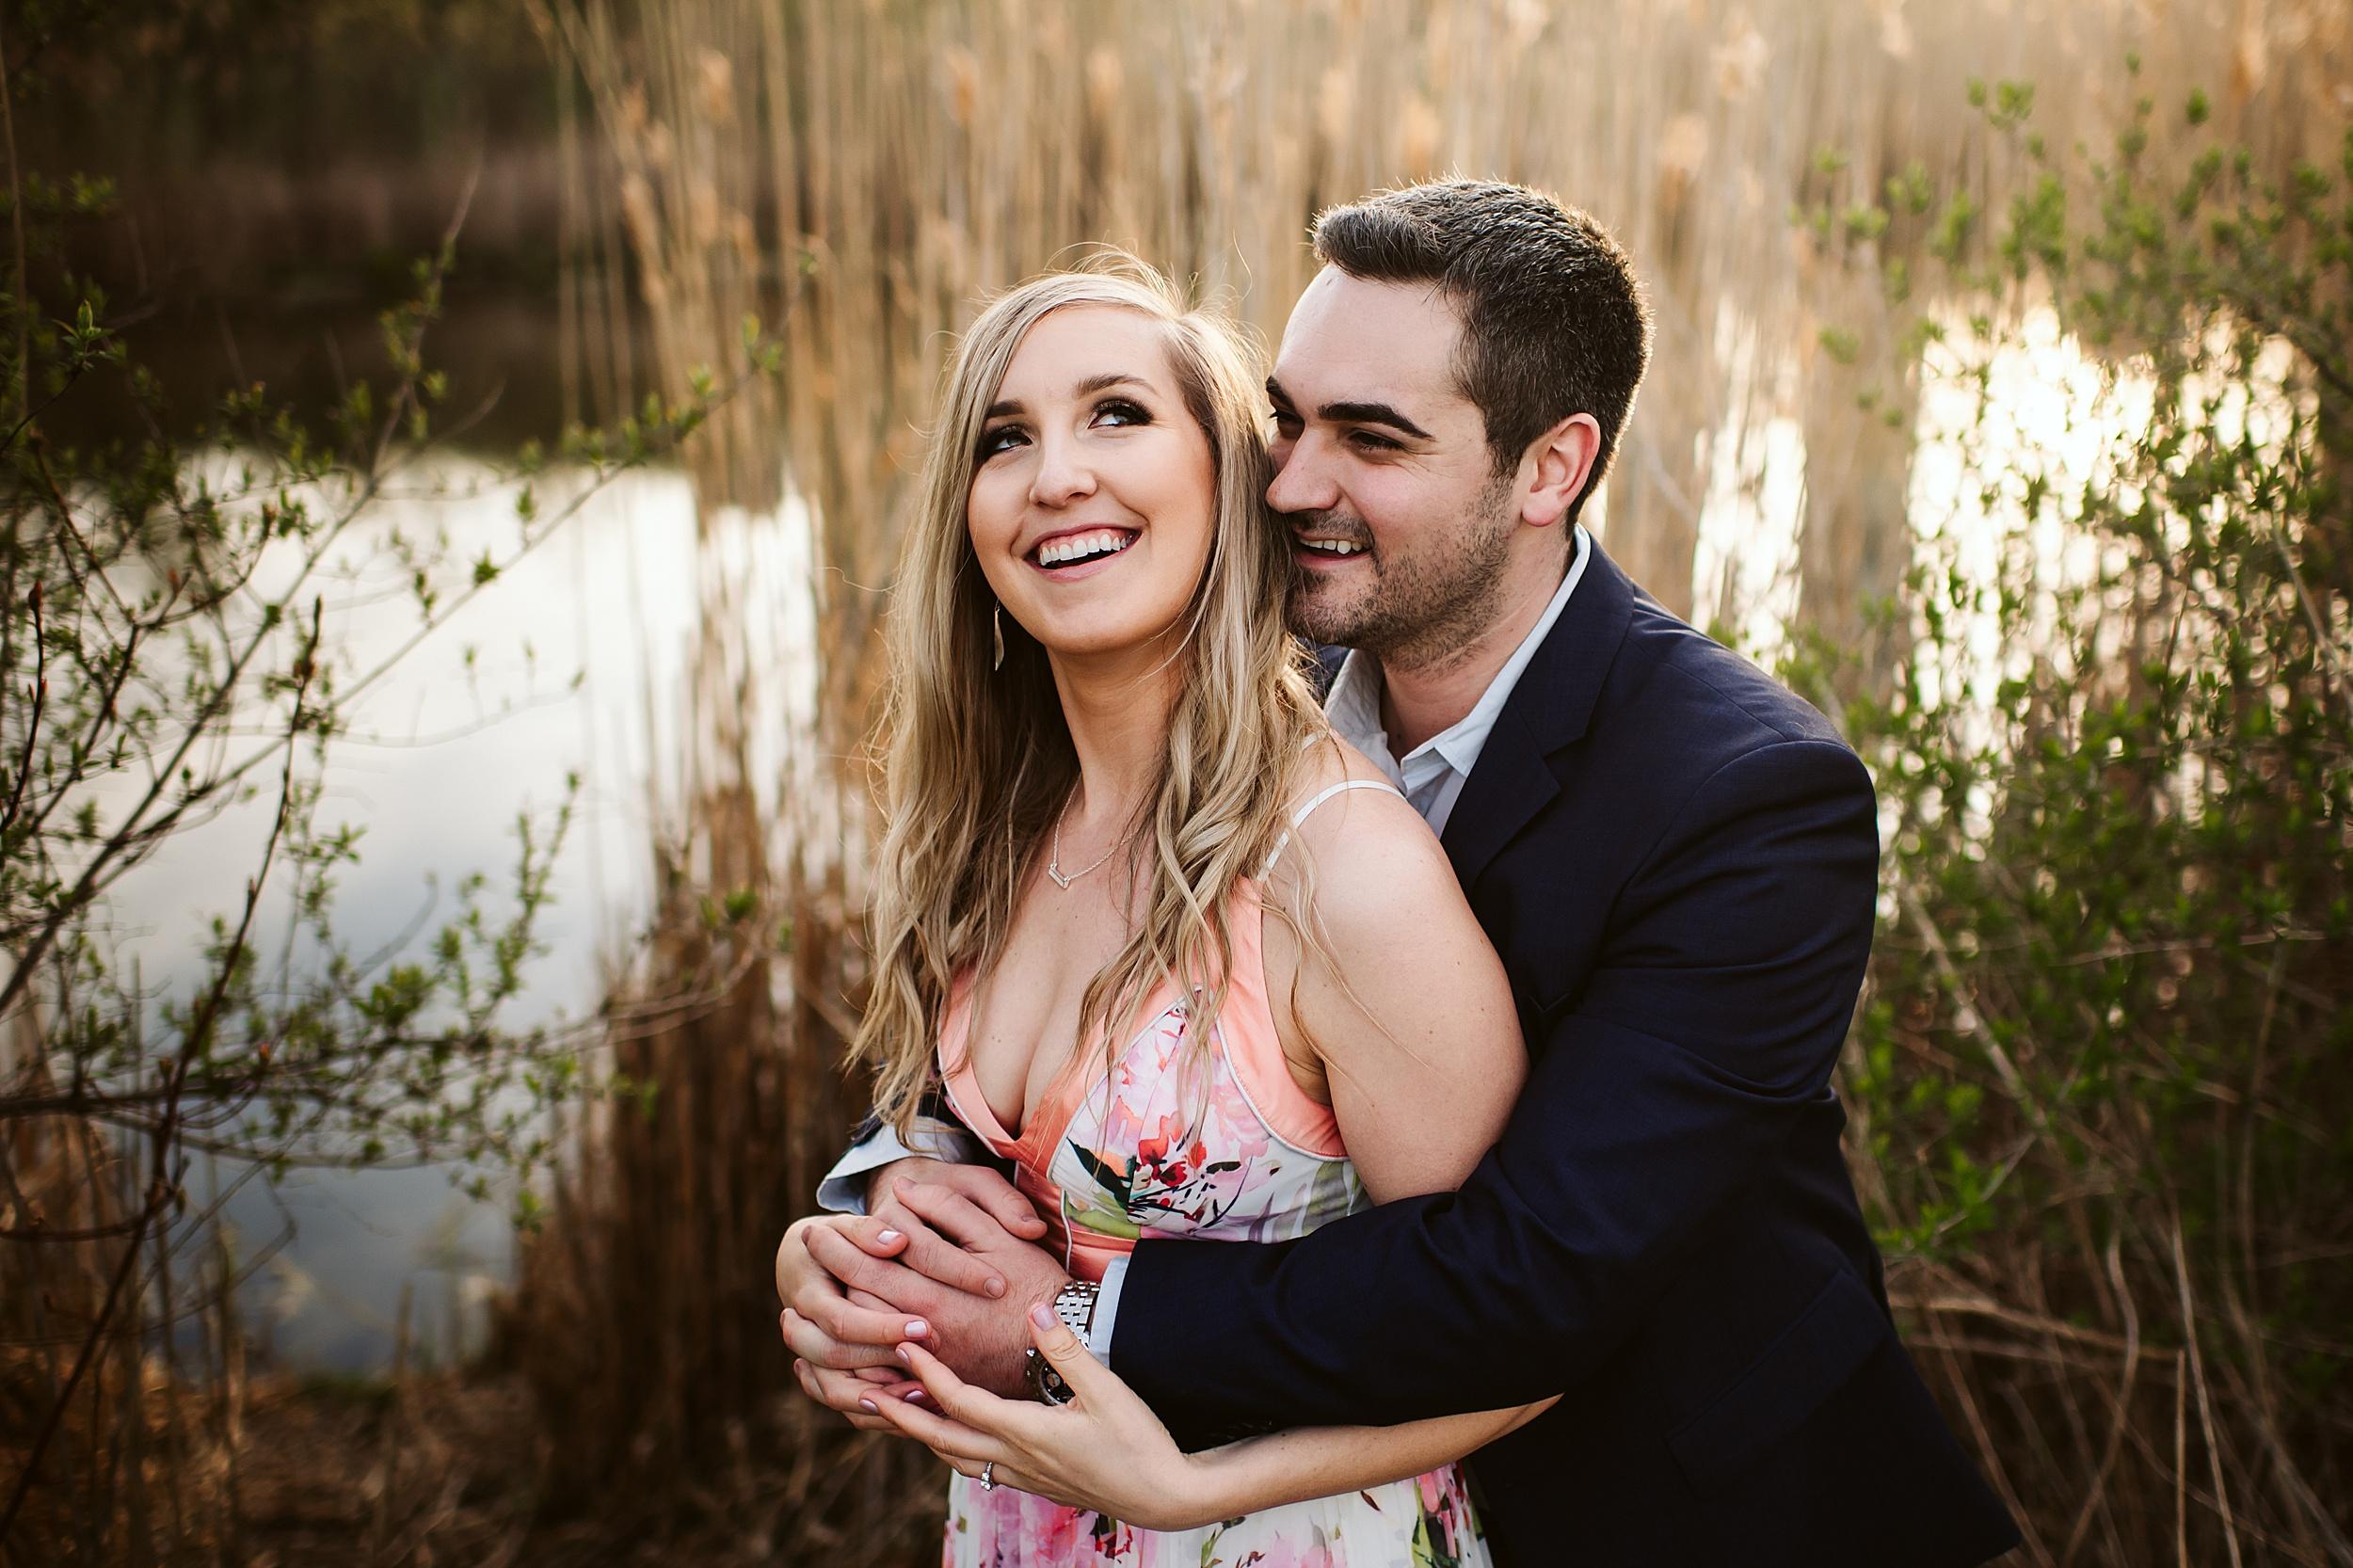 Toronto_Wedding_Photographers_Humber_Bay_Engagement_Shoot_Etobicoke_0011.jpg